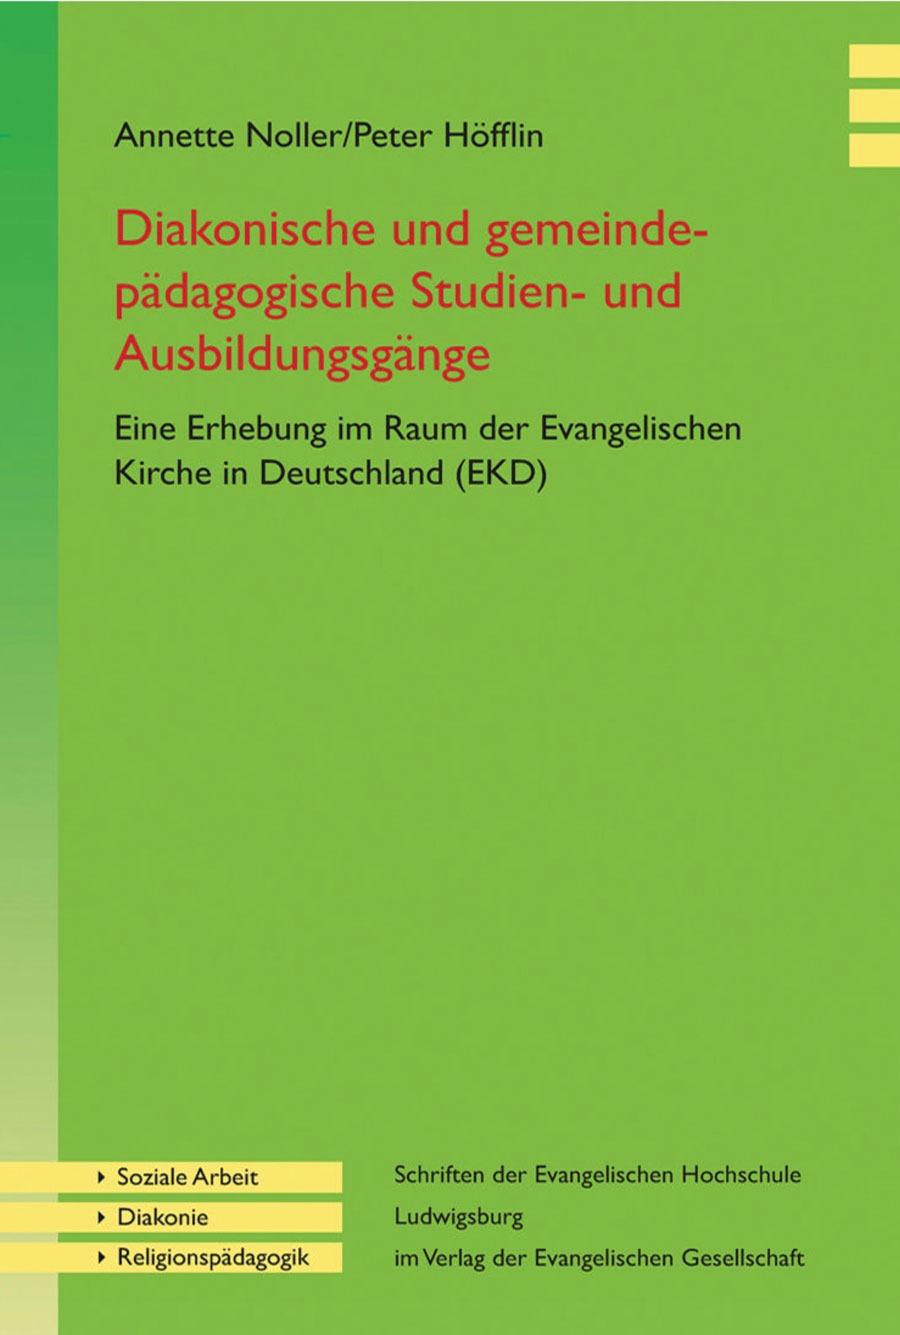 Diakonische Und Gemeindepädagogische Studien- Und Ausbildungsgänge